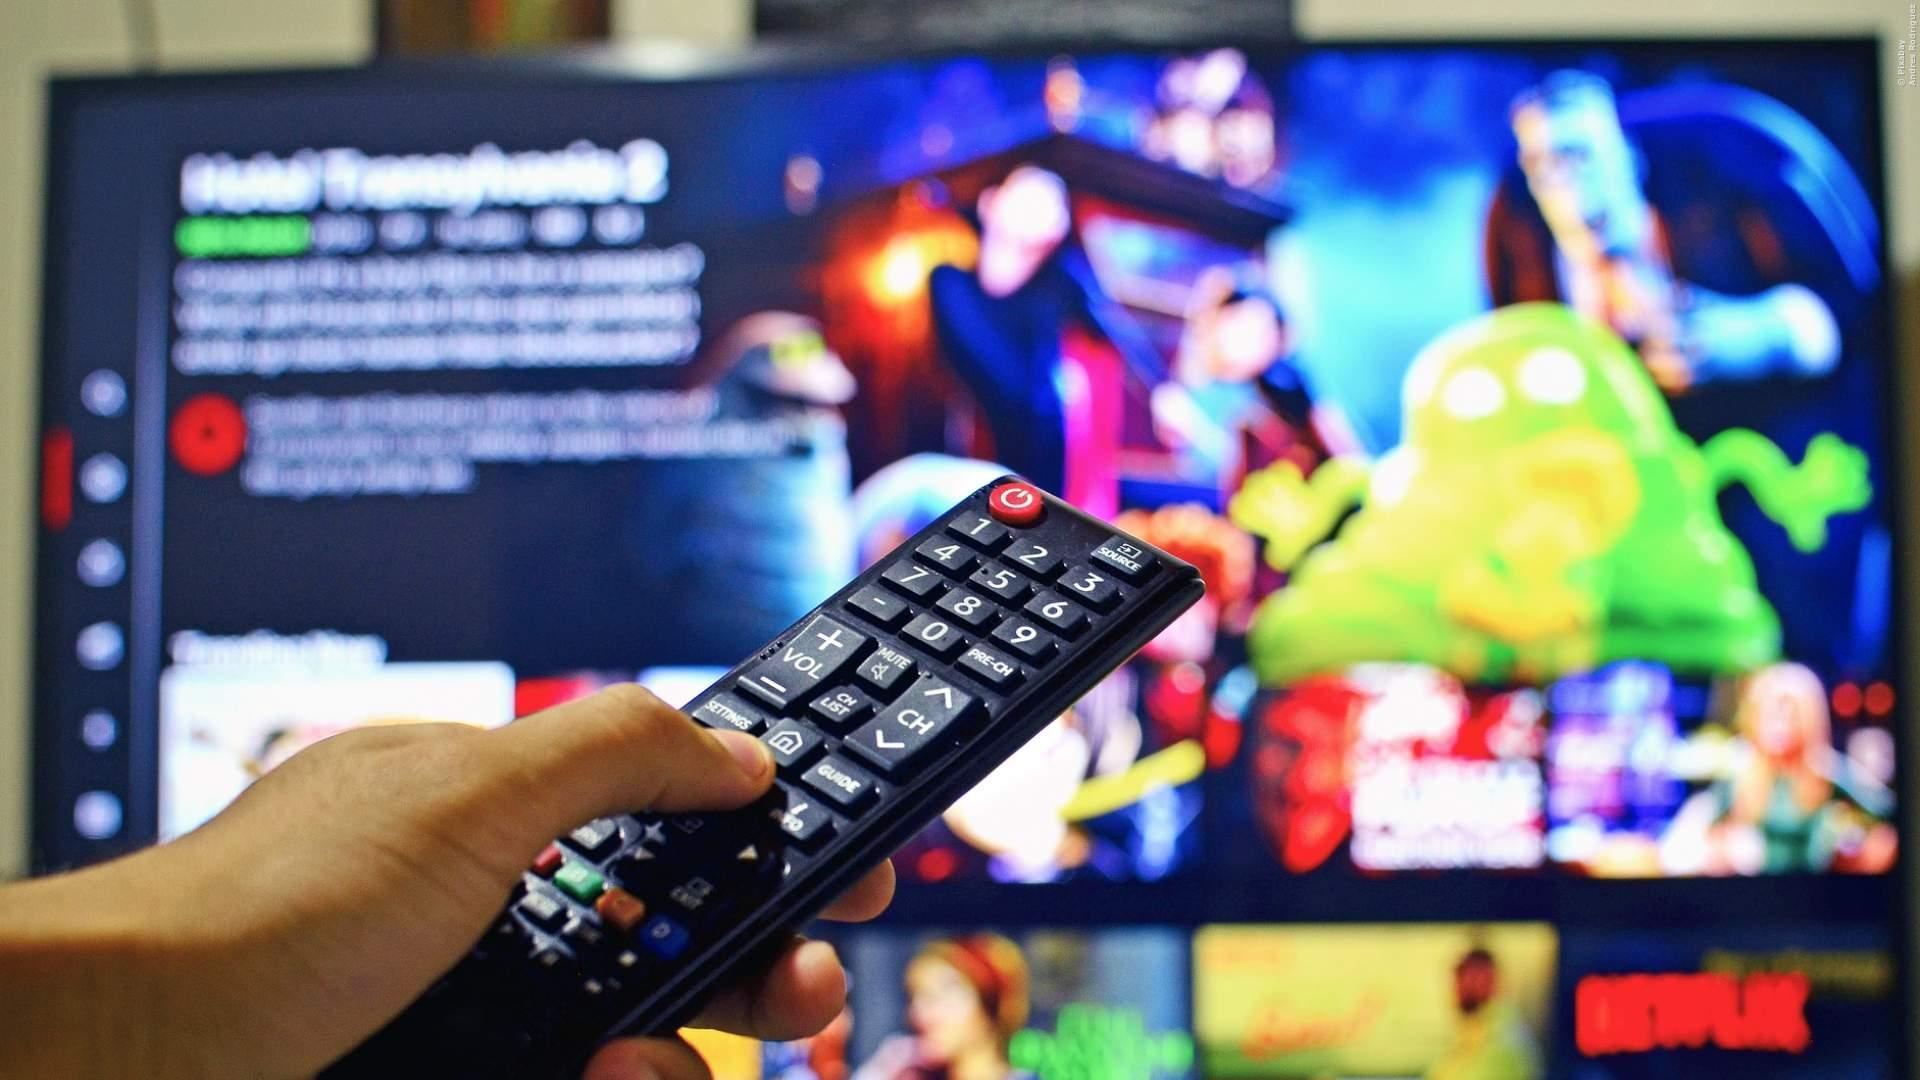 NETFLIX löscht in den nächsten Tagen viele Filme und Serien